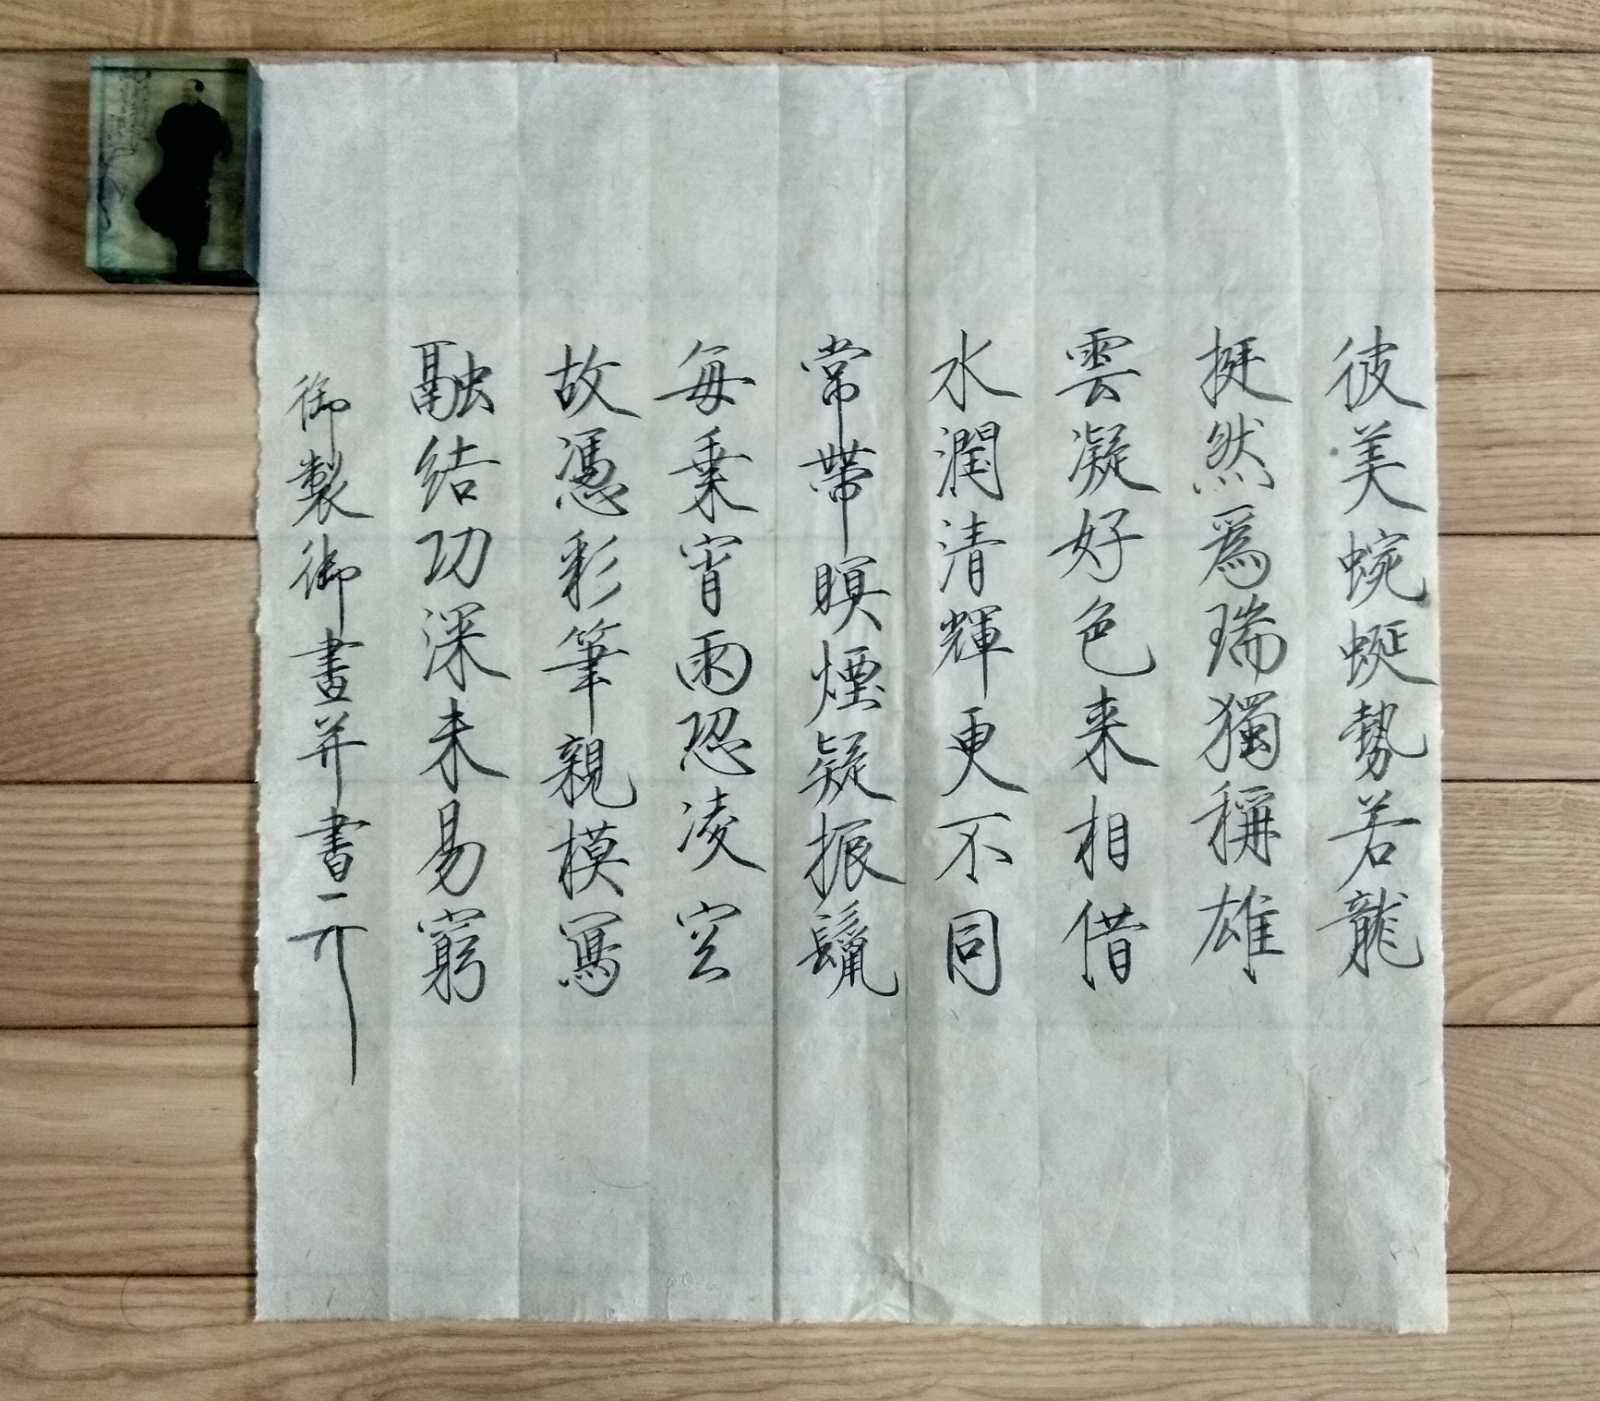 1-4瘦金体-题祥龙石图-2远景.jpg